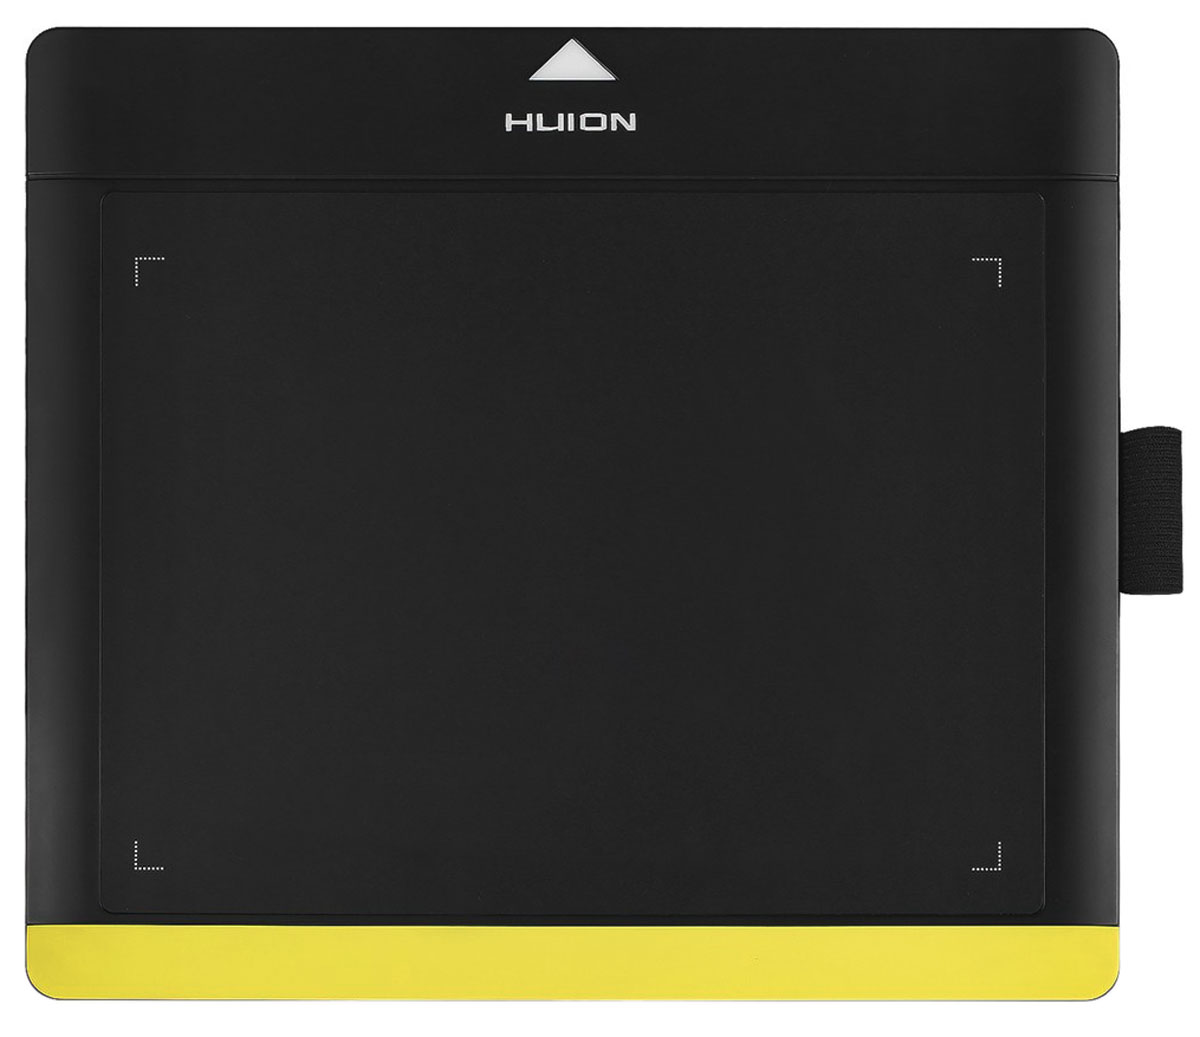 Huion 680TF, Black Yellow графический планшет680TFHuion 680TF - это универсальный планшет, который одинаково подходит как для новичка, так и для профессионала. Данная модель поможет притворить в жизнь самые смелые идеи. Планшет разработан специально для студентов. 680TF с легкостью помещается в сумку с учебниками, а благодаря слоту для карт памяти, вы можете не расставаться со своими проектами.Технология: электромагнитный резонансРабочая область: 8 х 6 дюйма (203 мм х 152 мм)Максимальная скорость отклика: 220 RPSУровни нажатия: чувствительность 2048 уровняМинимальная высота работы пера: 10 ммДлина кабеля USB: 1,5 мПоддержка карт памяти: microSD, microSDHC, microSDXC до 64 ГБСистемные требования: Windows 7/8/8.1/10, Mac OS X10.8.0 и выше